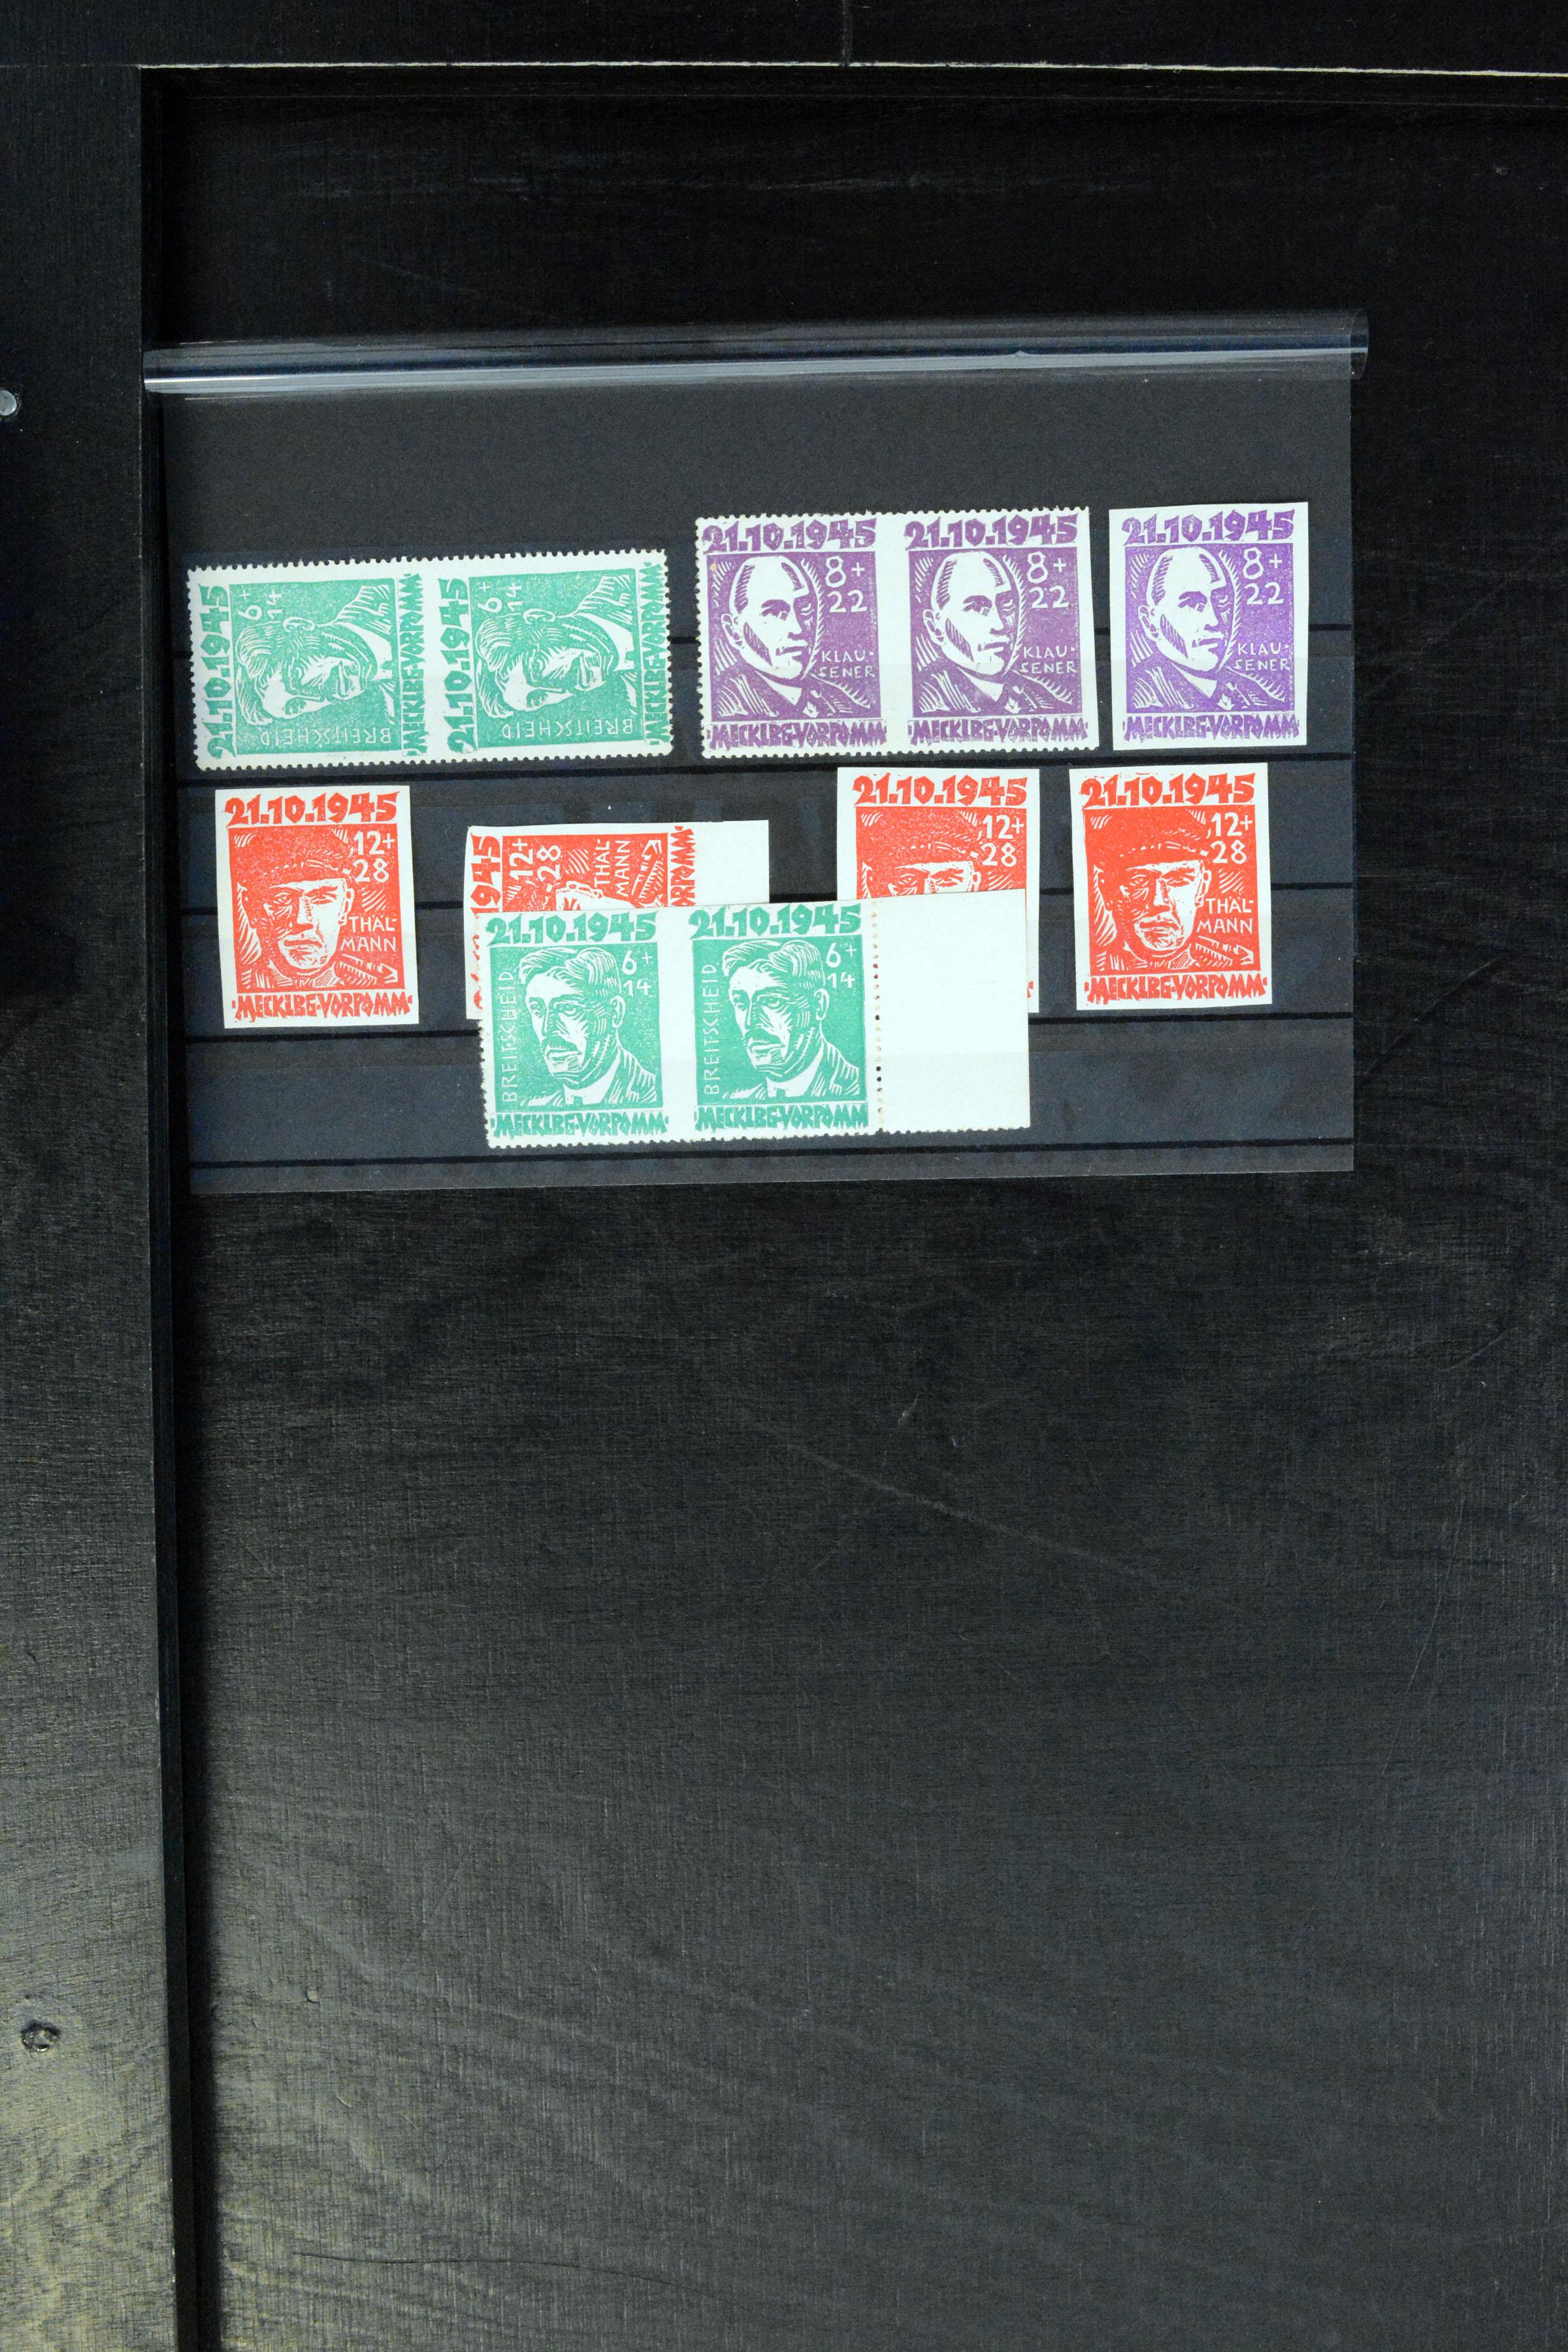 Lot 5146 - sbz (soviet occupation zone) Mecklenburg-Vorpommern -  Heinrich Koehler Auktionen Auction #368- Day 3